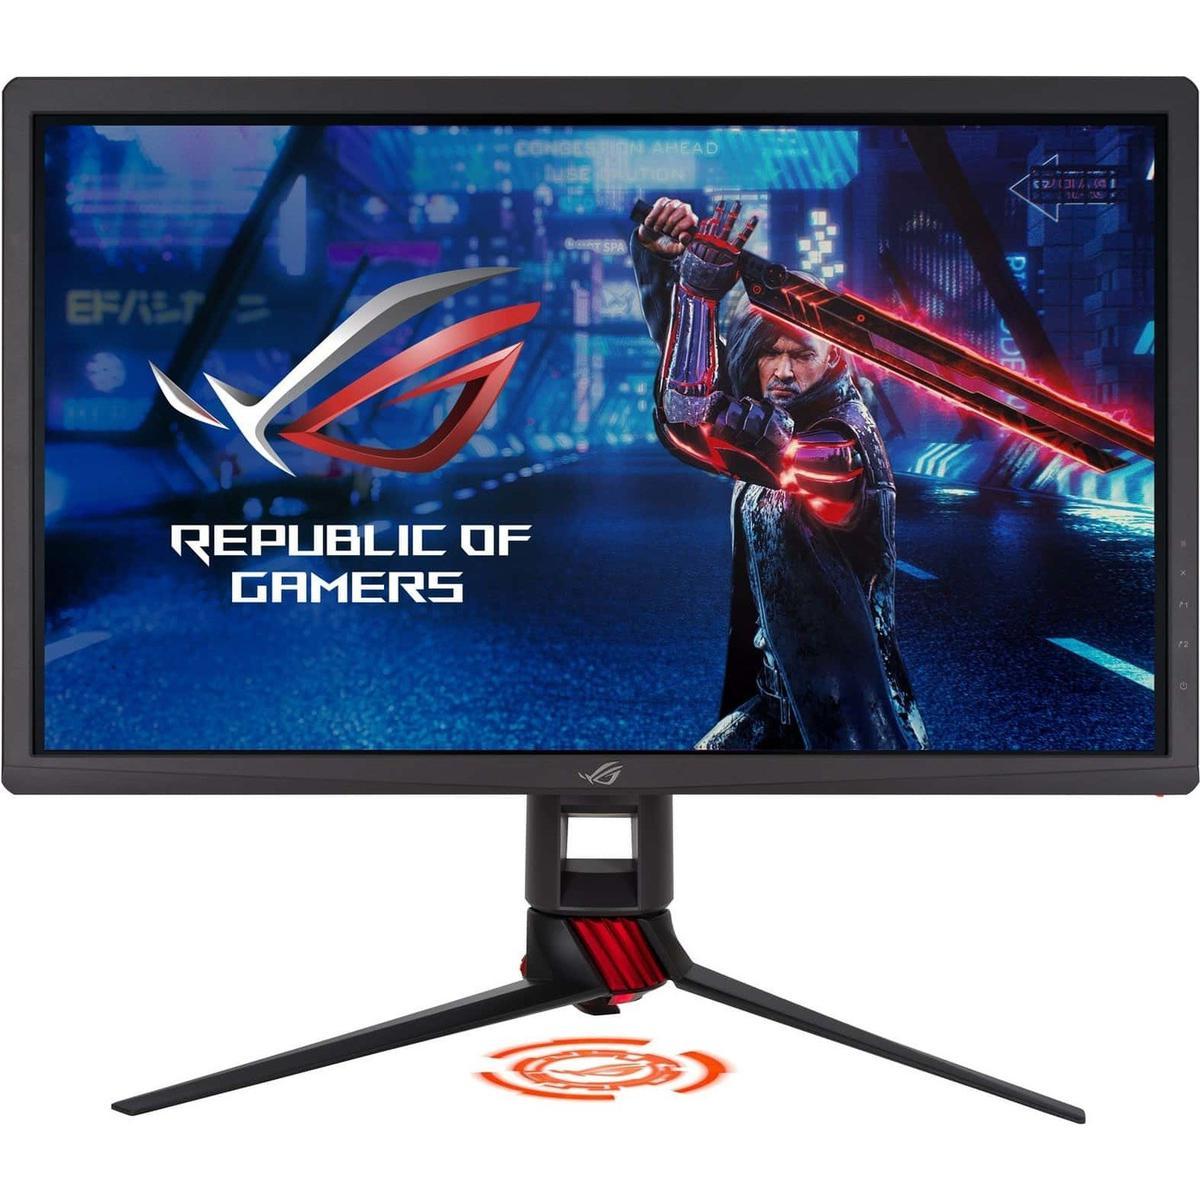 """Asus ROG Strix XG27UQ 27.0"""" 3840x2160 144 Hz Monitor"""